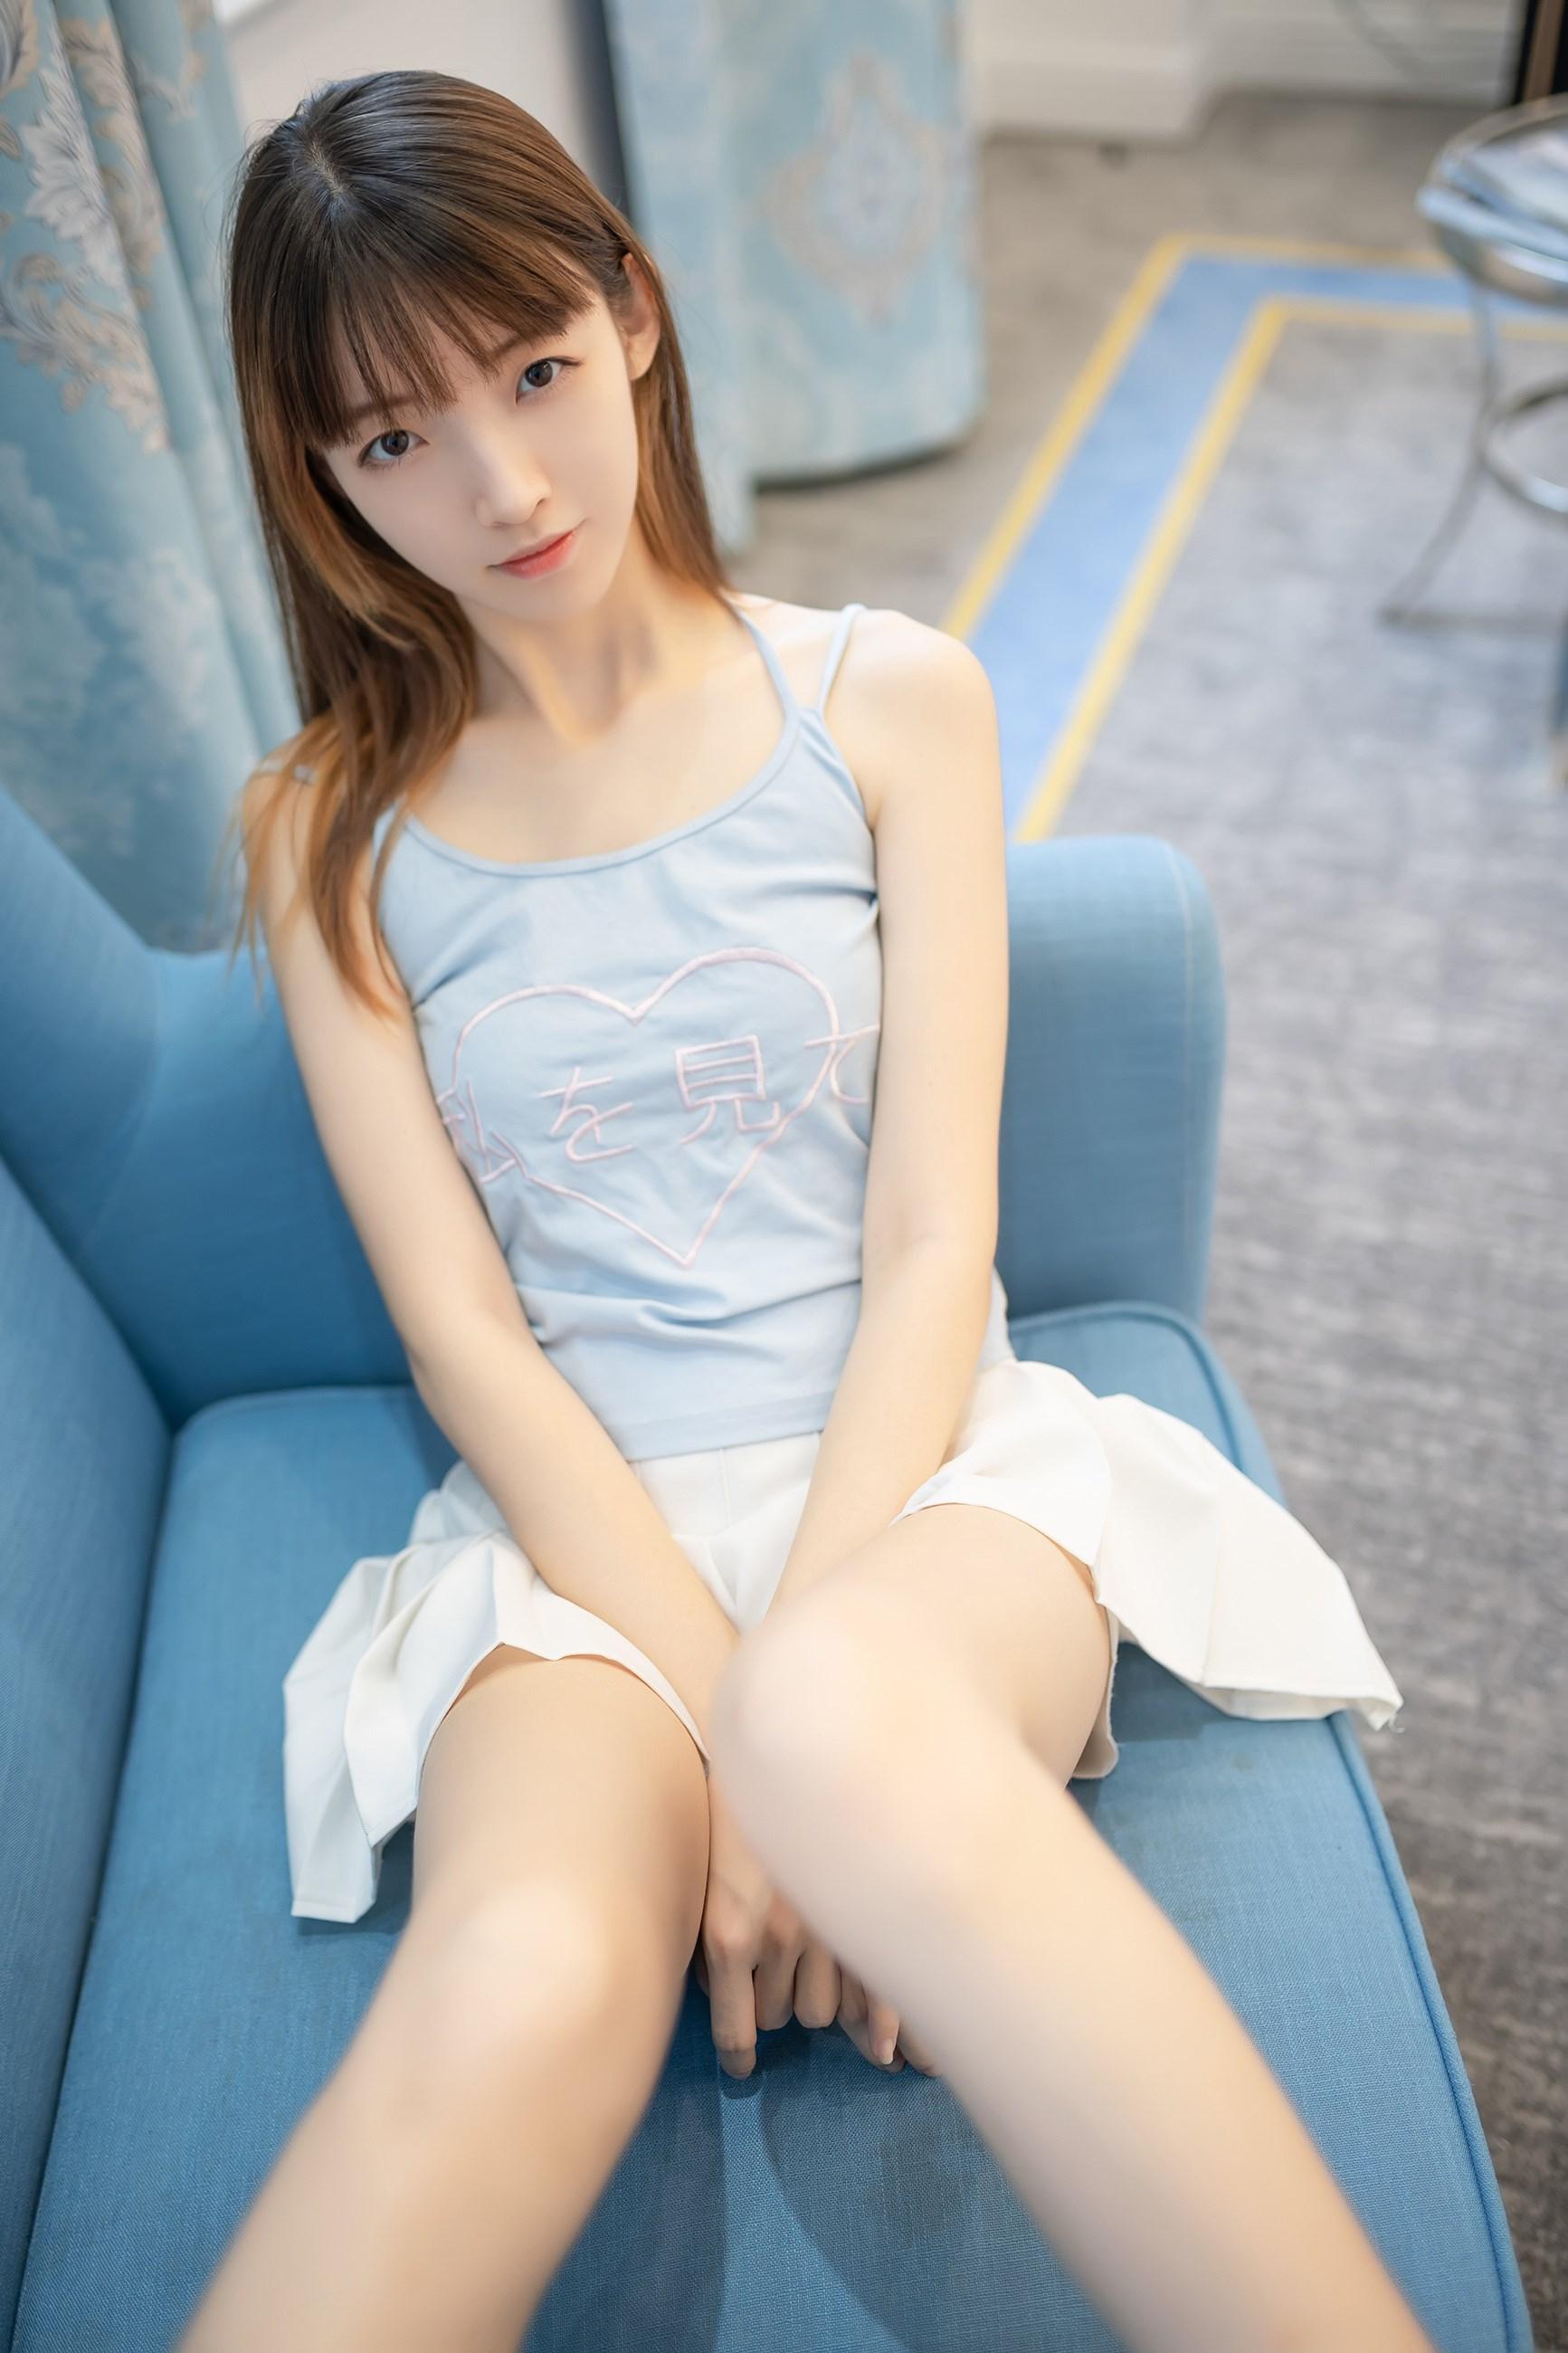 【兔玩映画】白裙果腿少女 兔玩映画 第1张